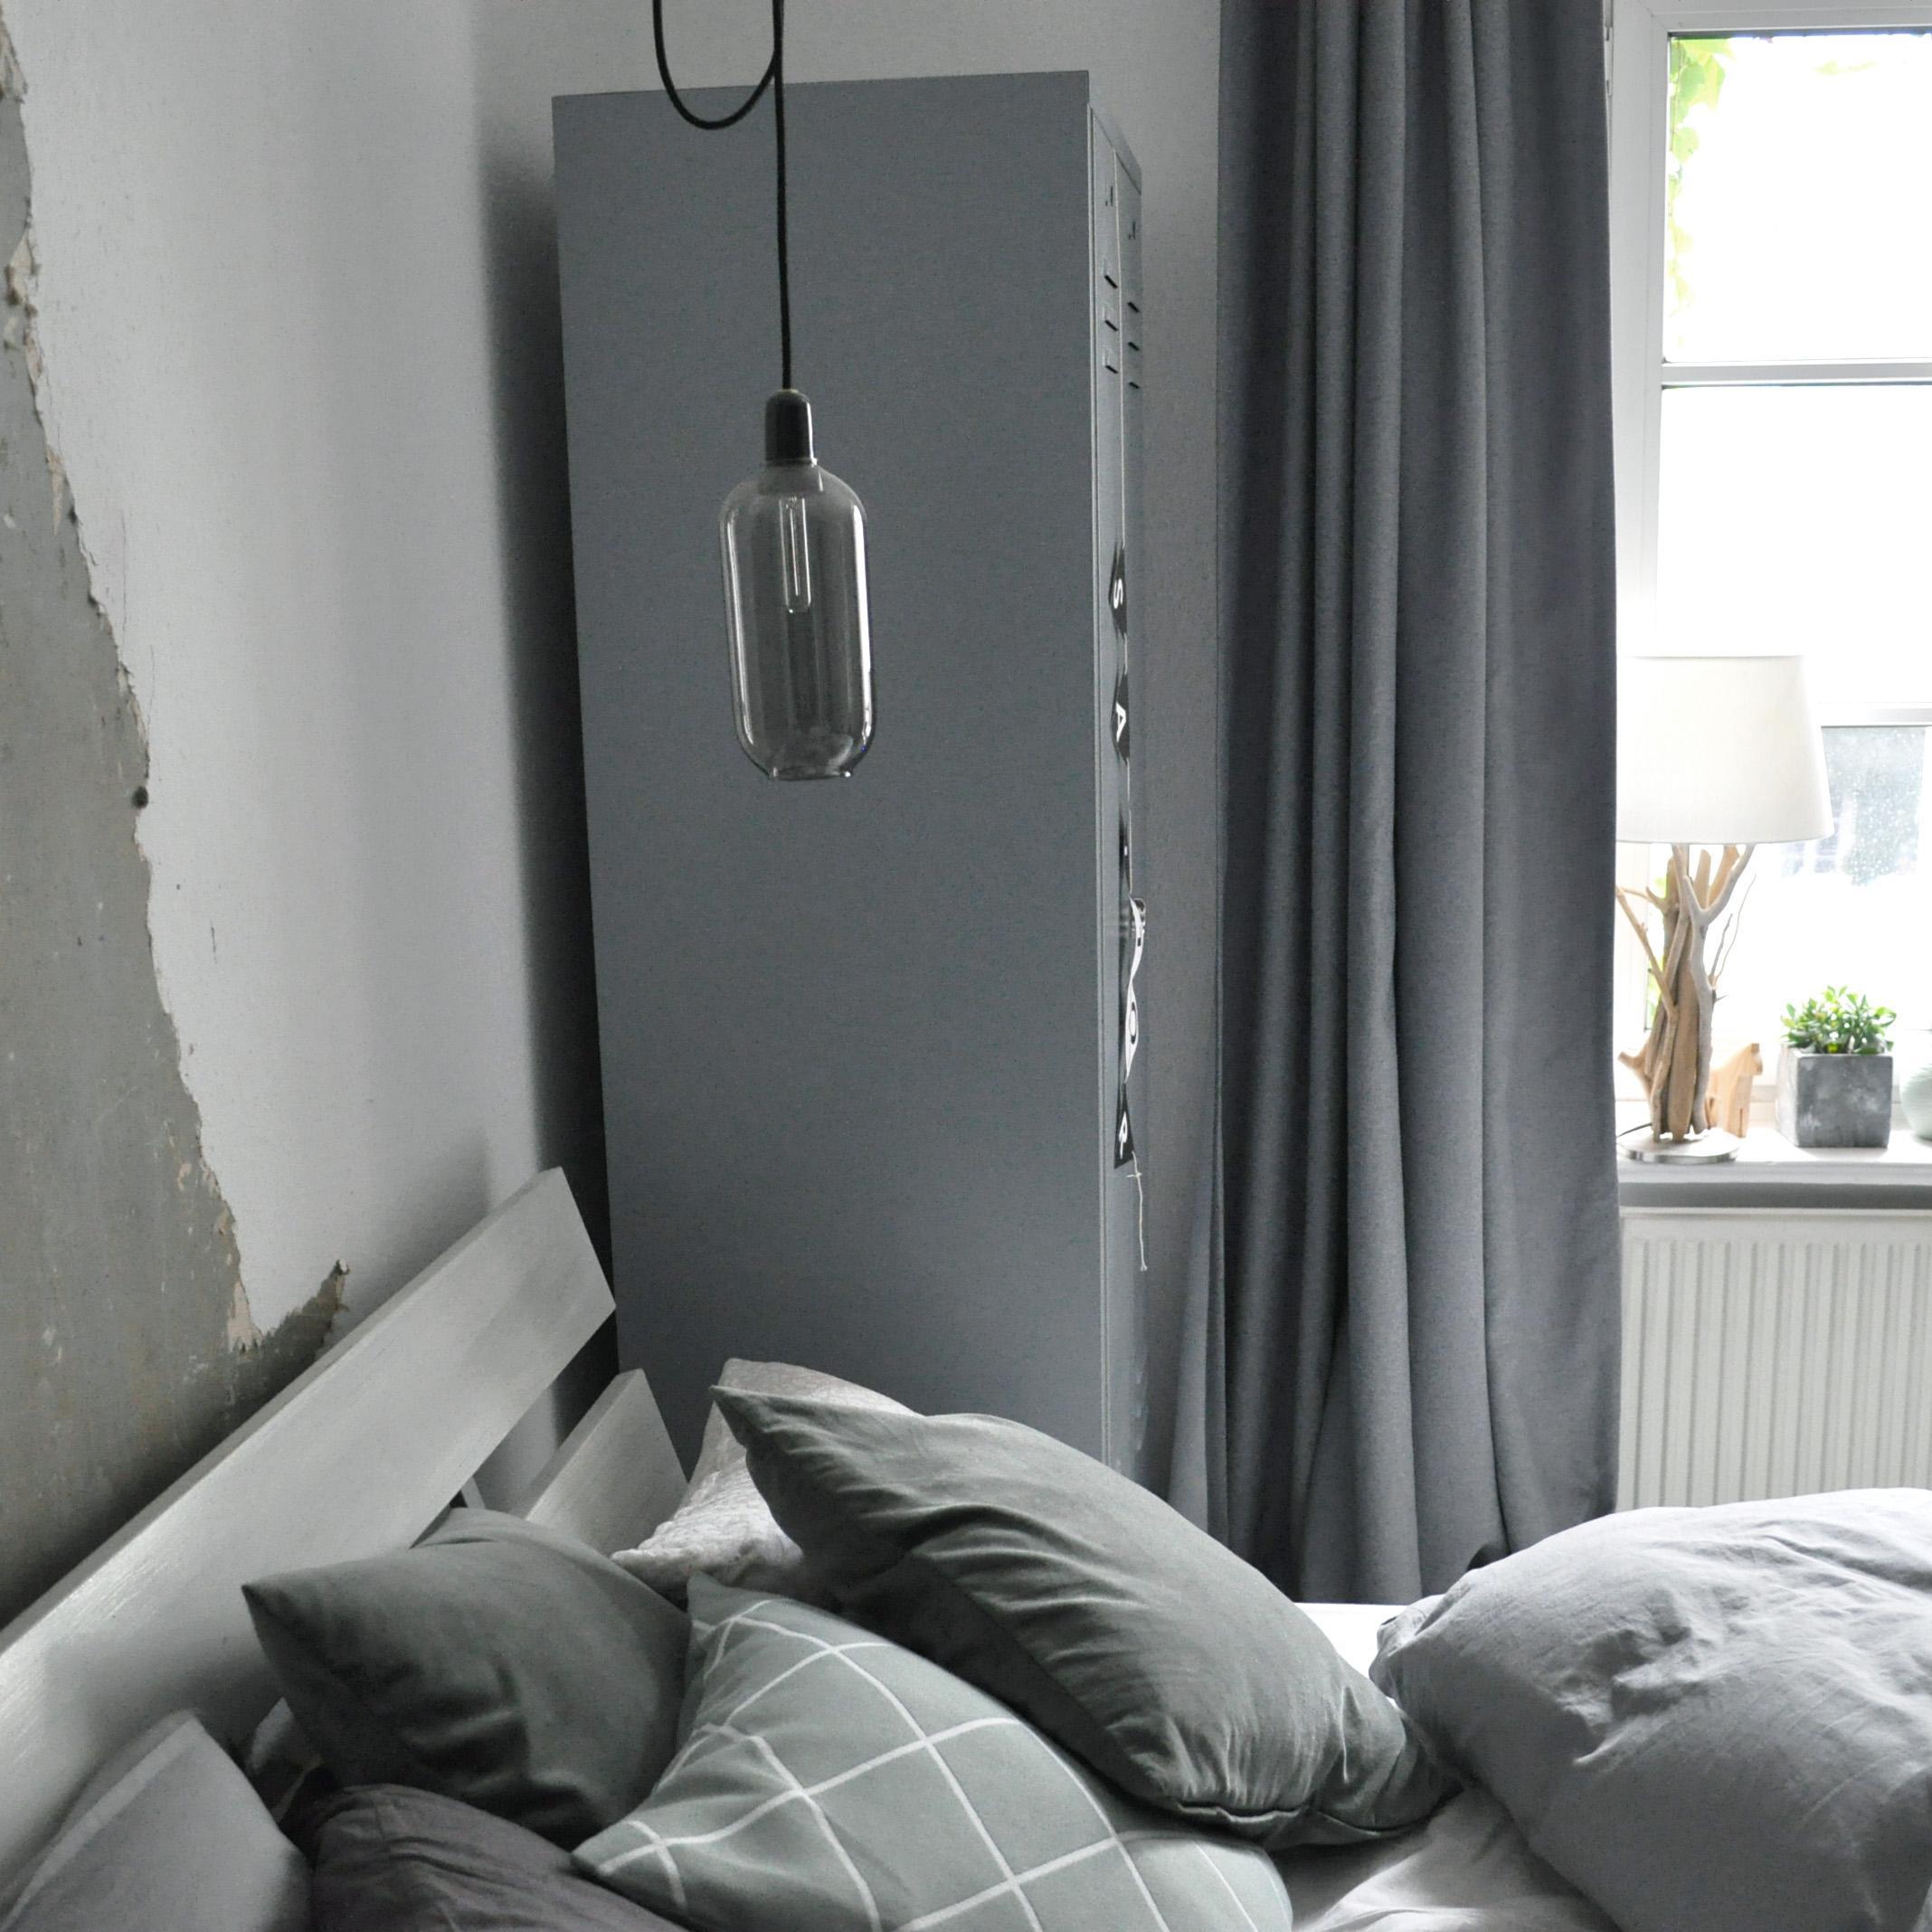 Lampe #Schlafzimmer #Grau #Bett #Kissen • Couchstyle